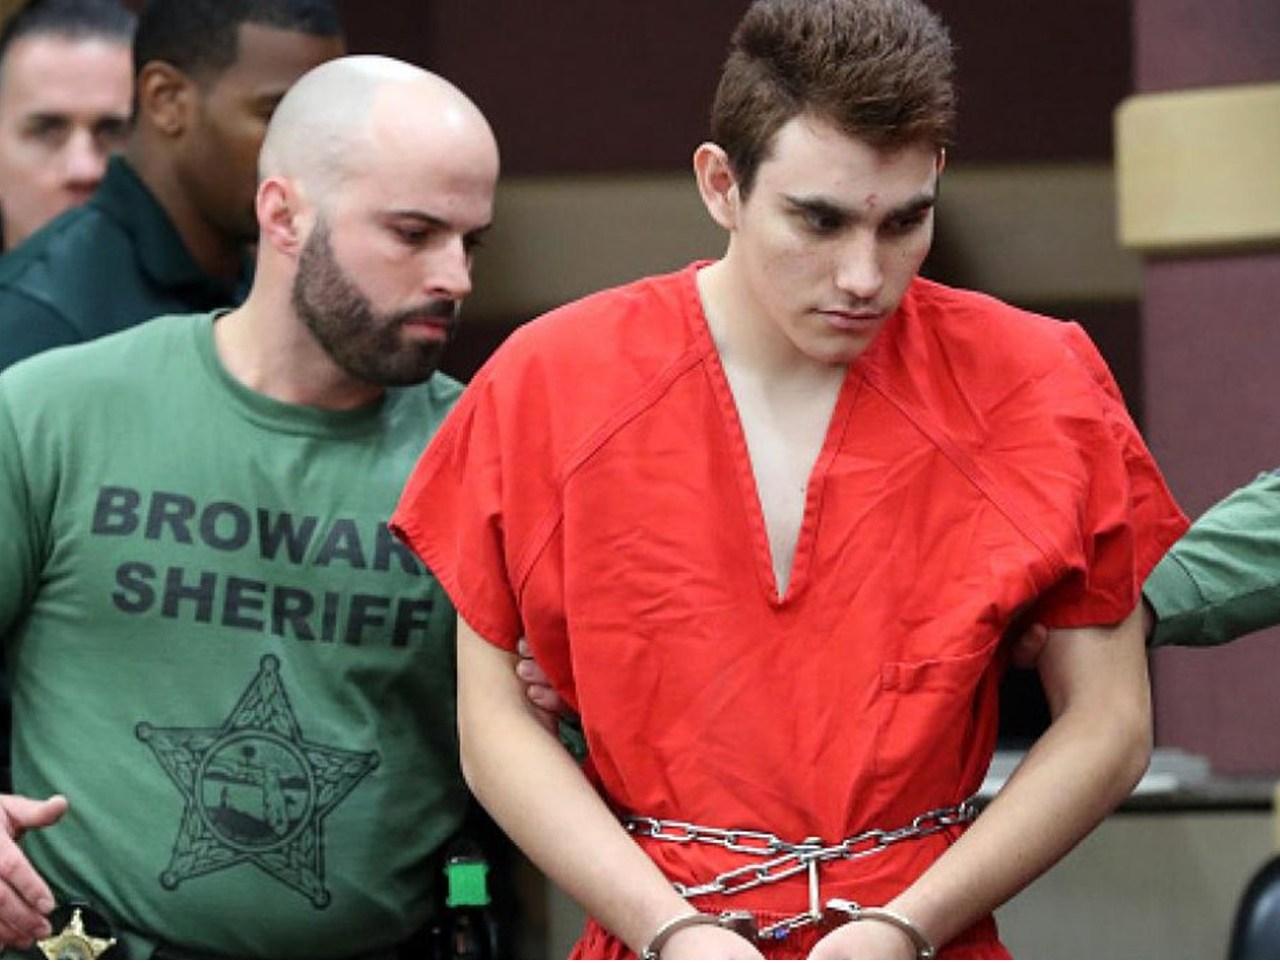 Urgen en EEUU fijar fecha de juicio para autor de la matanza de Parkland